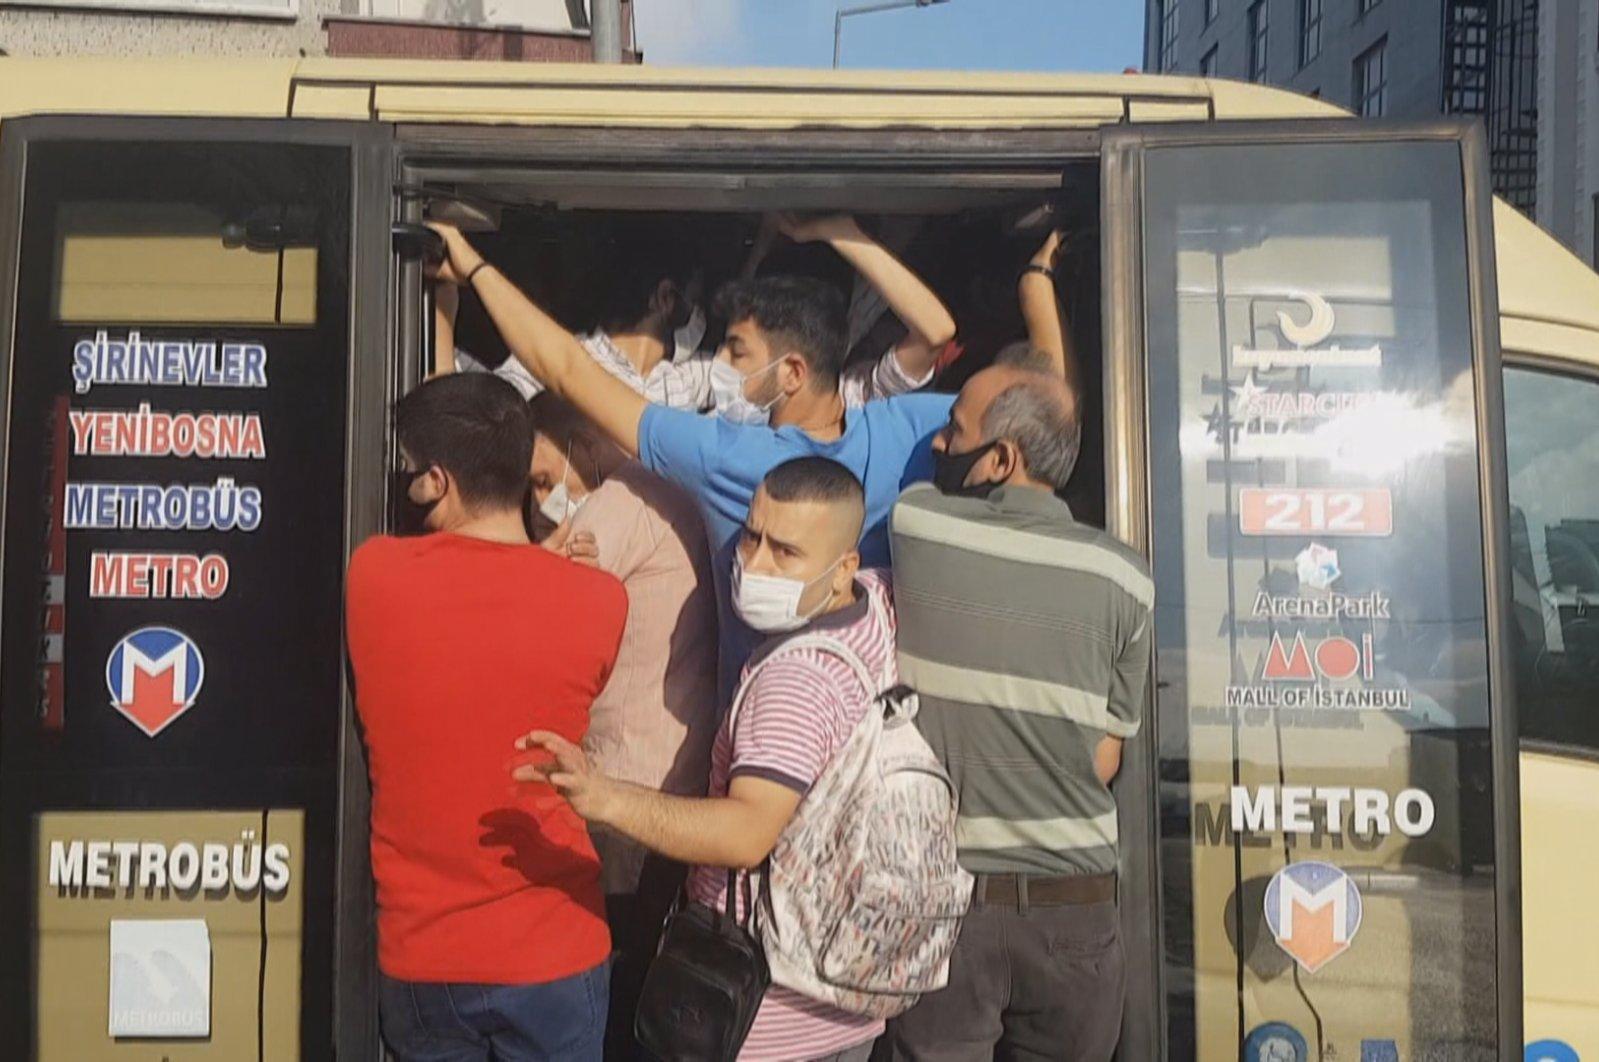 People defy social distancing warnings in an overcrowded minibus in Küçükçekmece district, in Istanbul, Turkey, July 2, 2020. (DHA Photo)